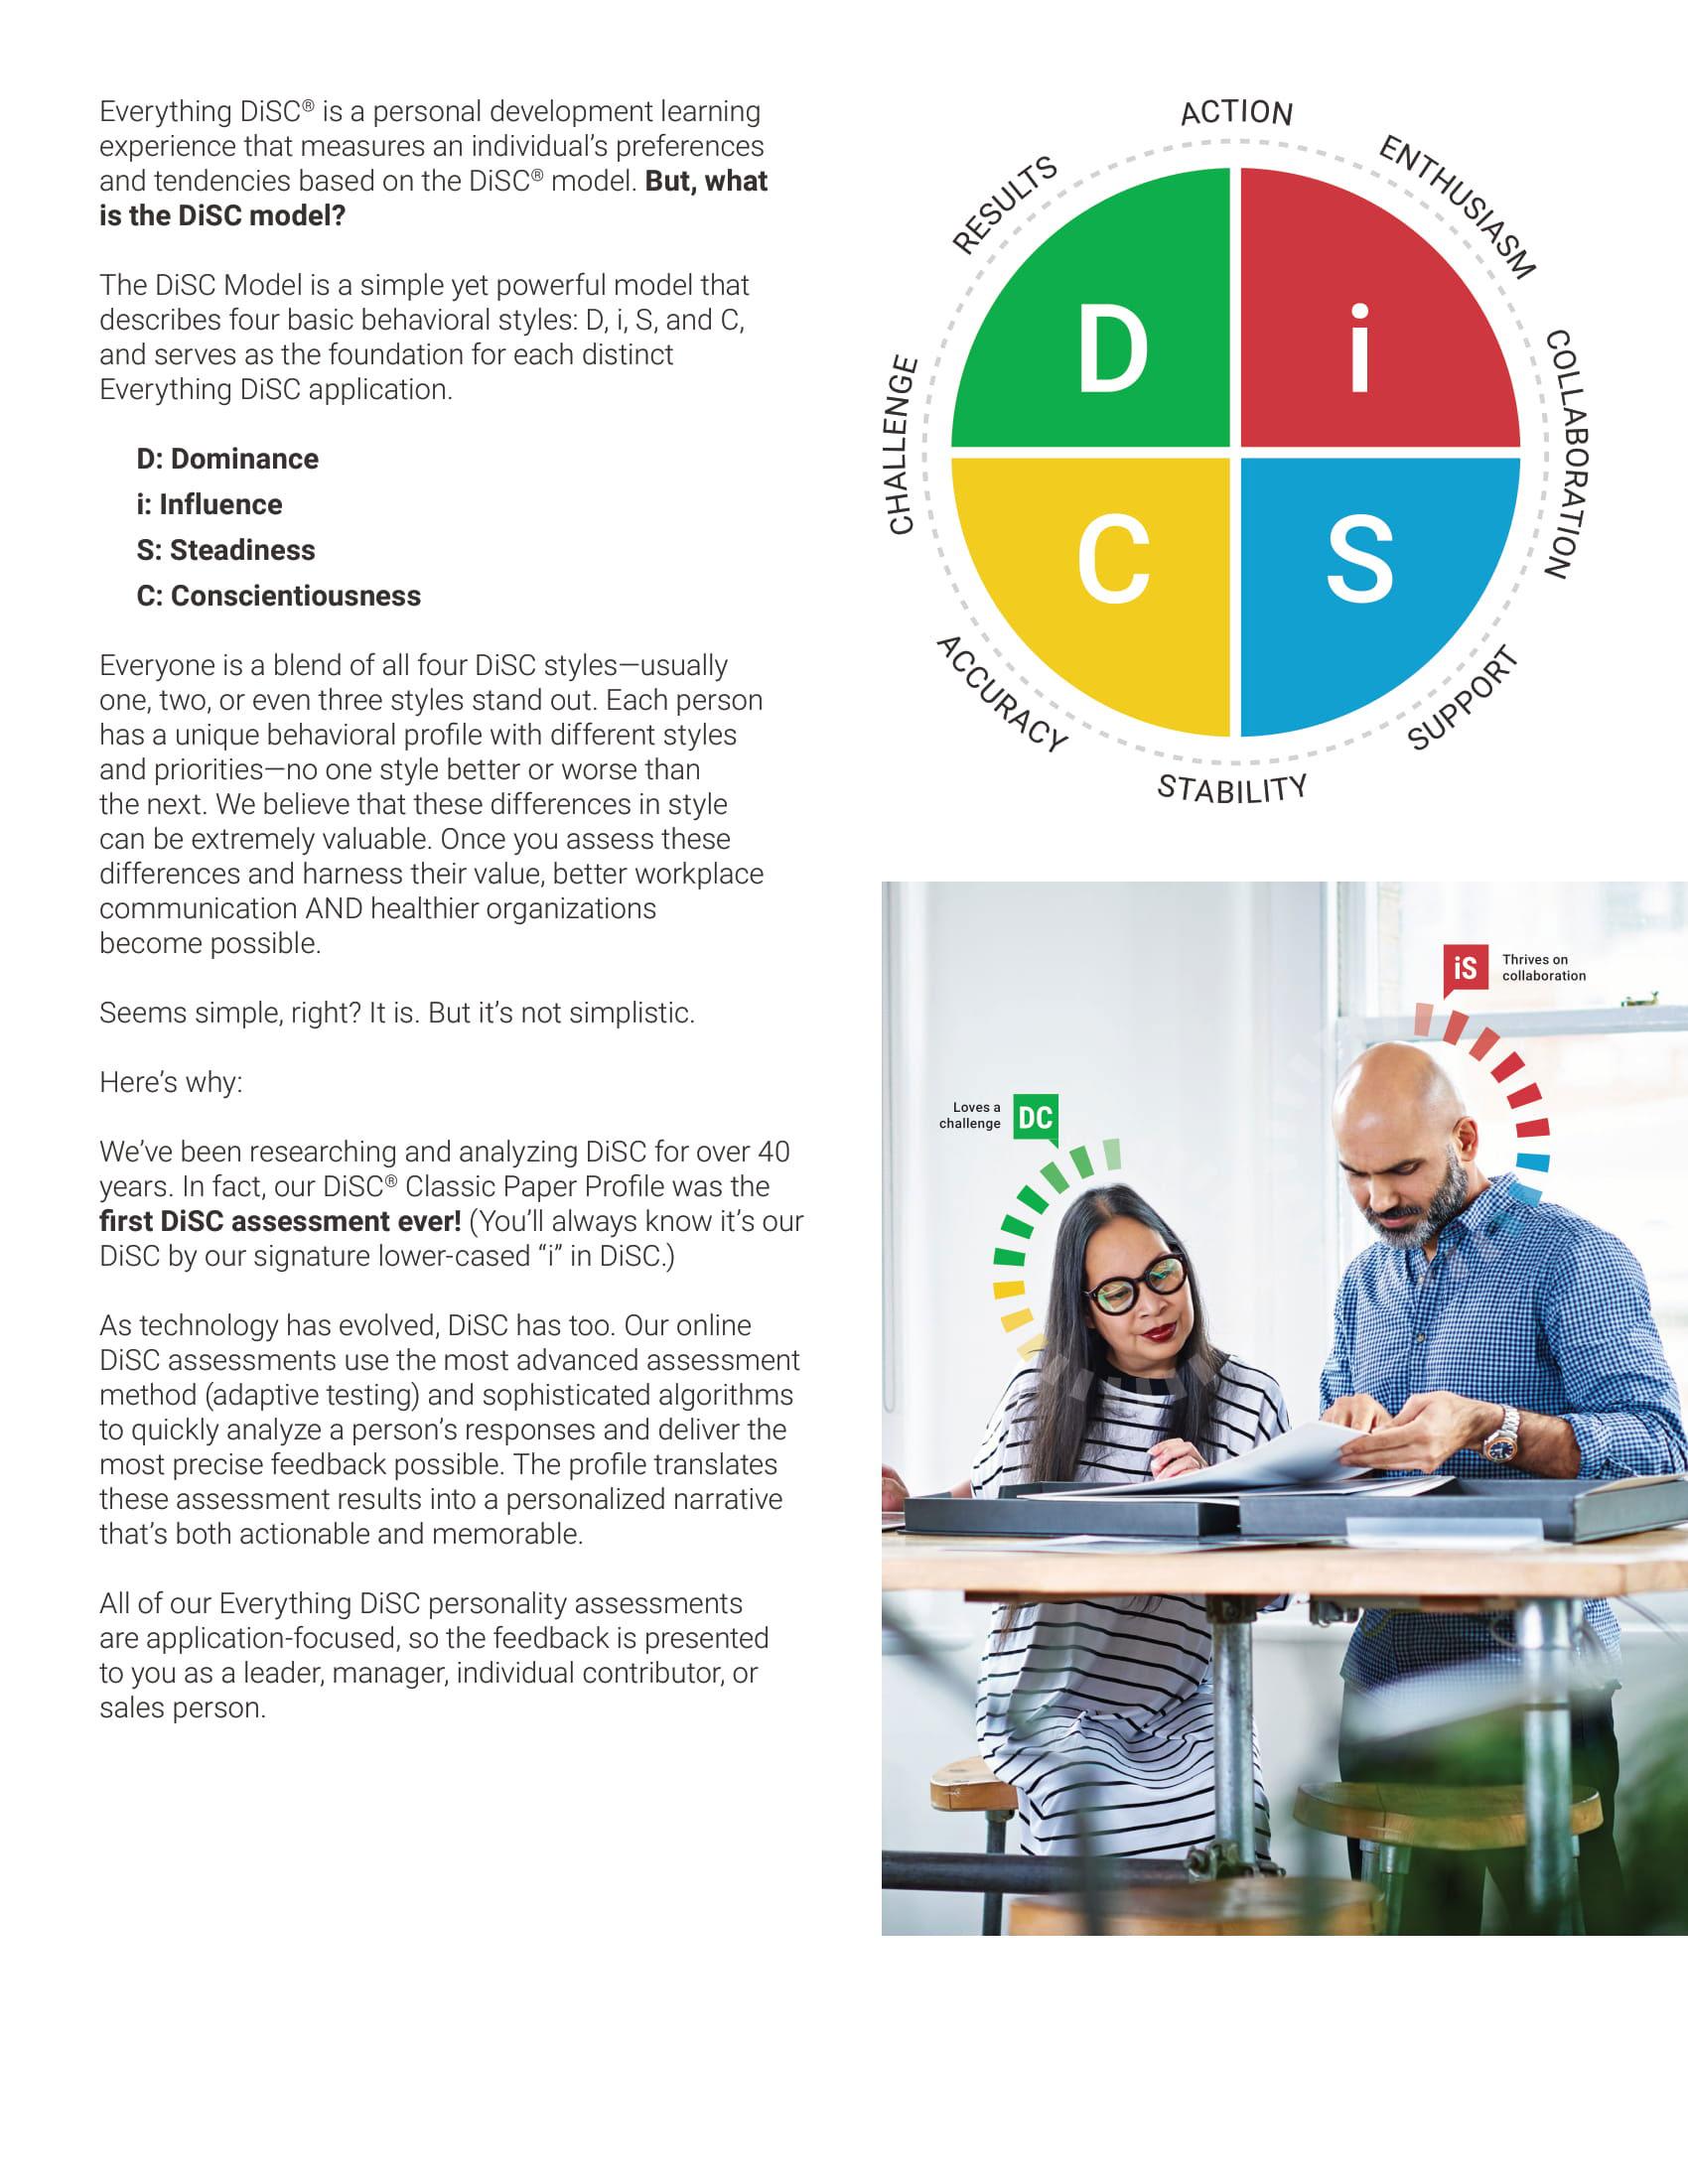 DISC assessment tools